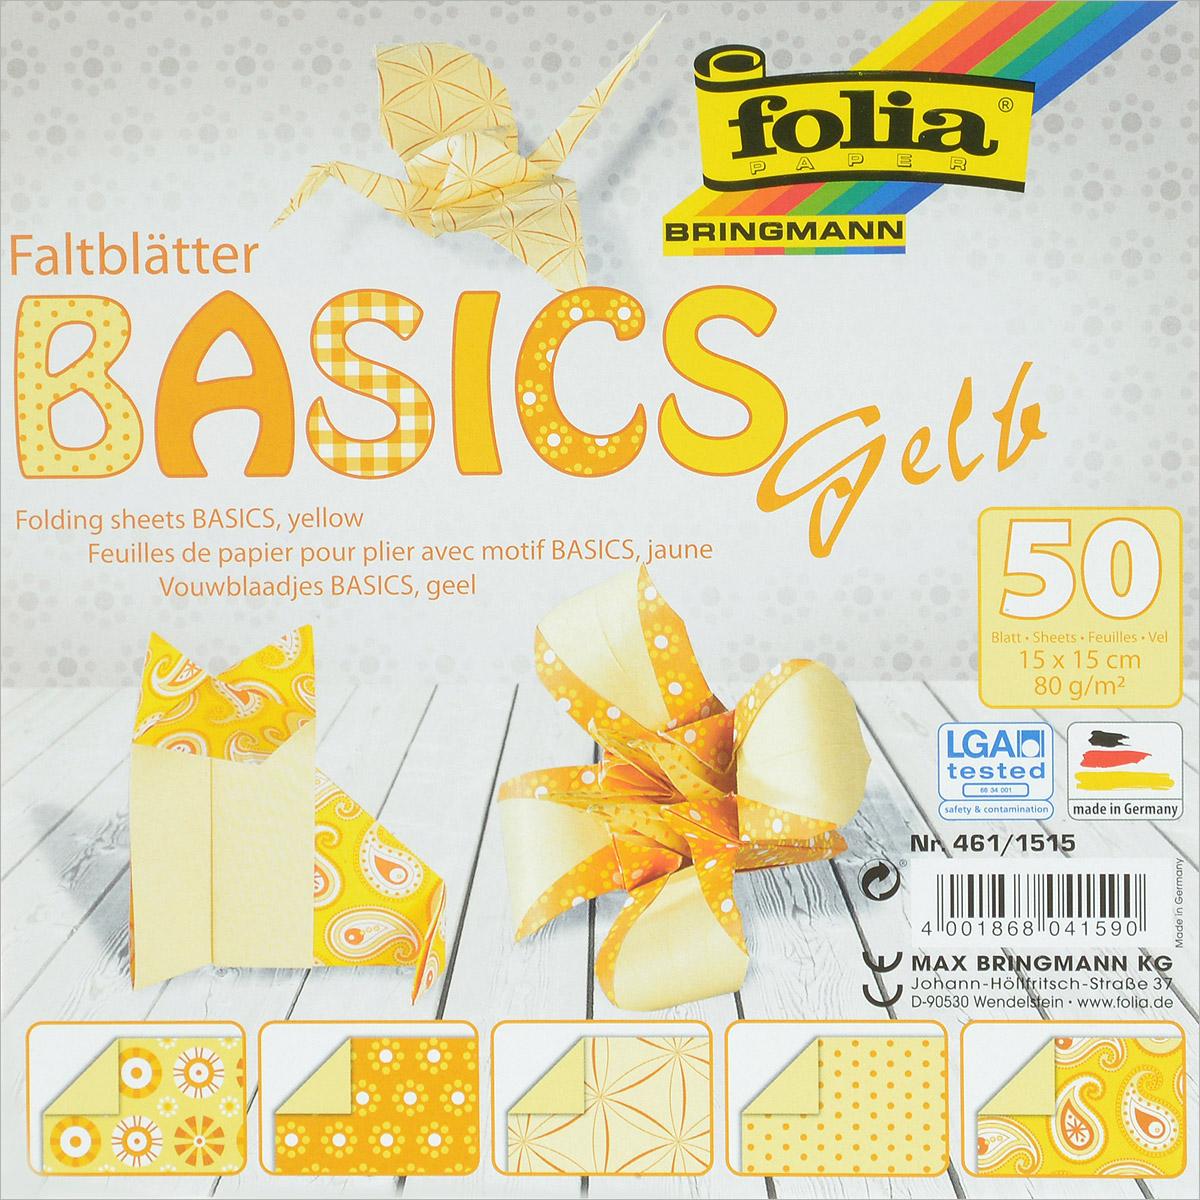 Бумага для оригами Folia, цвет: желтый, 15 х 15 см, 50 листовRSP-202SНабор специальной цветной двусторонней бумаги для оригами Folia содержит 50 листов разных цветов, которые помогут вам и вашему ребенку сделать яркие и разнообразные фигурки. В набор входит бумага пяти разных дизайнов. С одной стороны - бумага однотонная, с другой - оформлена оригинальными узорами и орнаментами. Эти листы можно использовать для оригами, украшения для садового подсвечника или для создания новогодних звезд. При многоразовом сгибании листа на бумаге не появляются трещины, так как она обладает очень высоким качеством. Бумага хорошо комбинируется с цветным картоном.За свою многовековую историю оригами прошло путь от храмовых обрядов до искусства, дарящего радость и красоту миллионам людей во всем мире. Складывание и художественное оформление фигурок оригами интересно заполнят свободное время, доставят огромное удовольствие, радость и взрослым и детям. Увлекательные занятия оригами развивают мелкую моторику рук, воображение, мышление, воспитывают волевые качества и совершенствуют художественный вкус ребенка.Плотность бумаги: 80 г/м2.Размер листа: 15 см х 15 см.